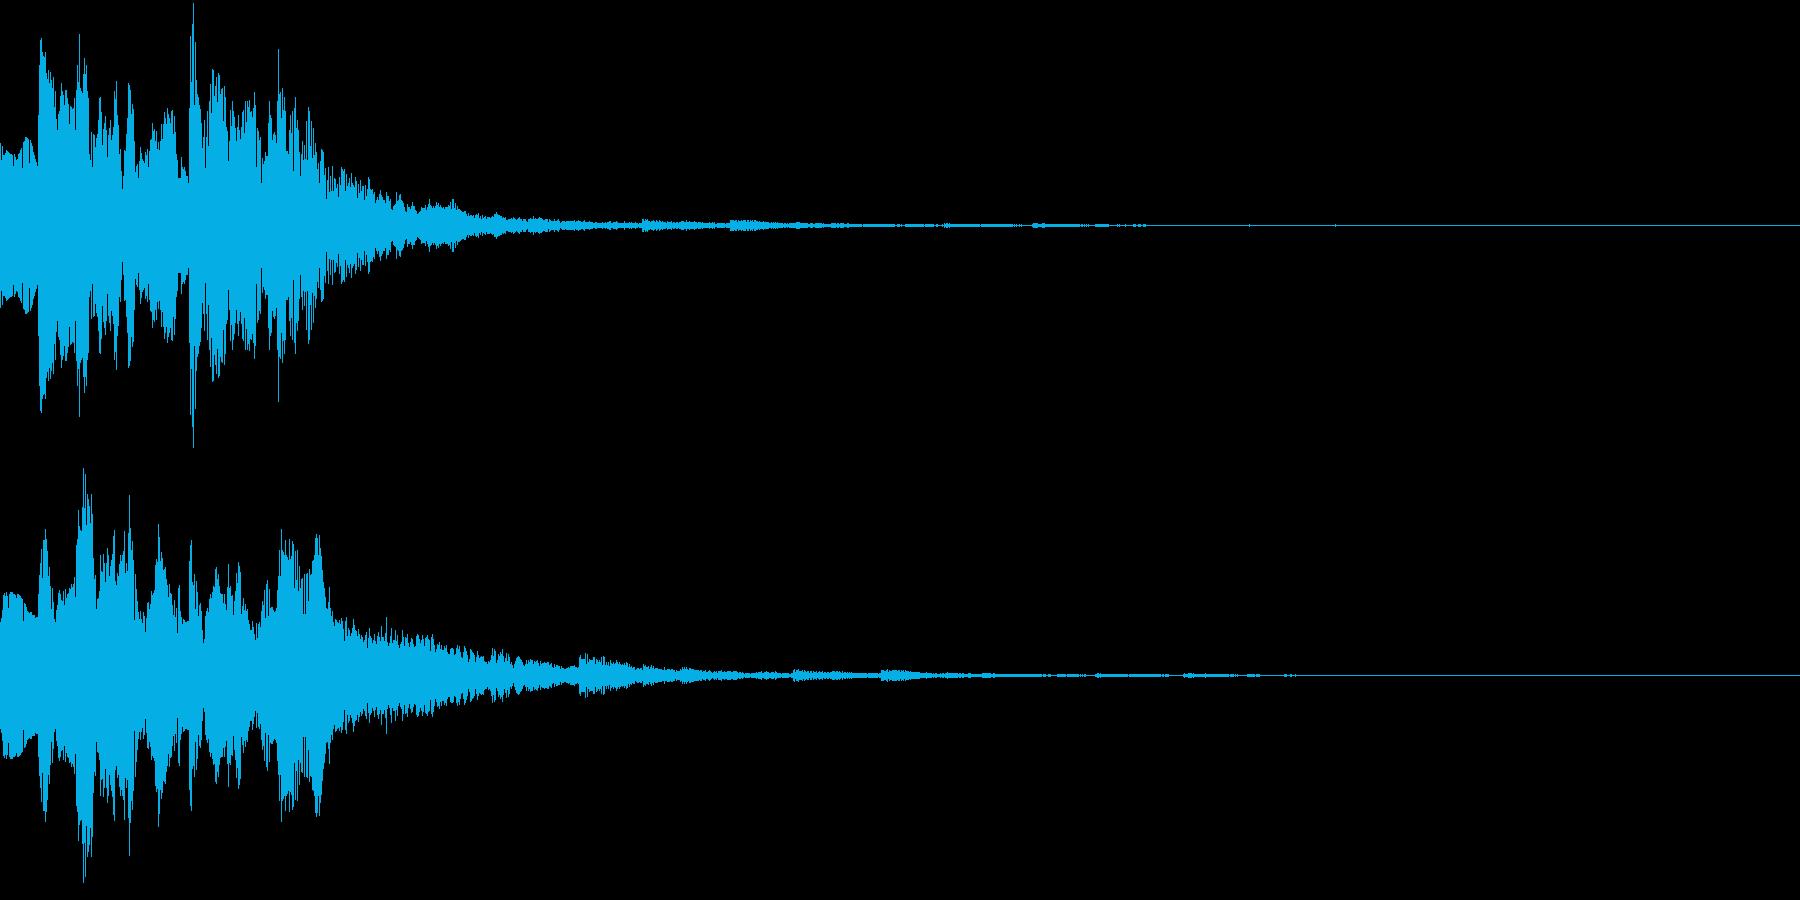 GameSFX ゲーム内の効果音 3の再生済みの波形